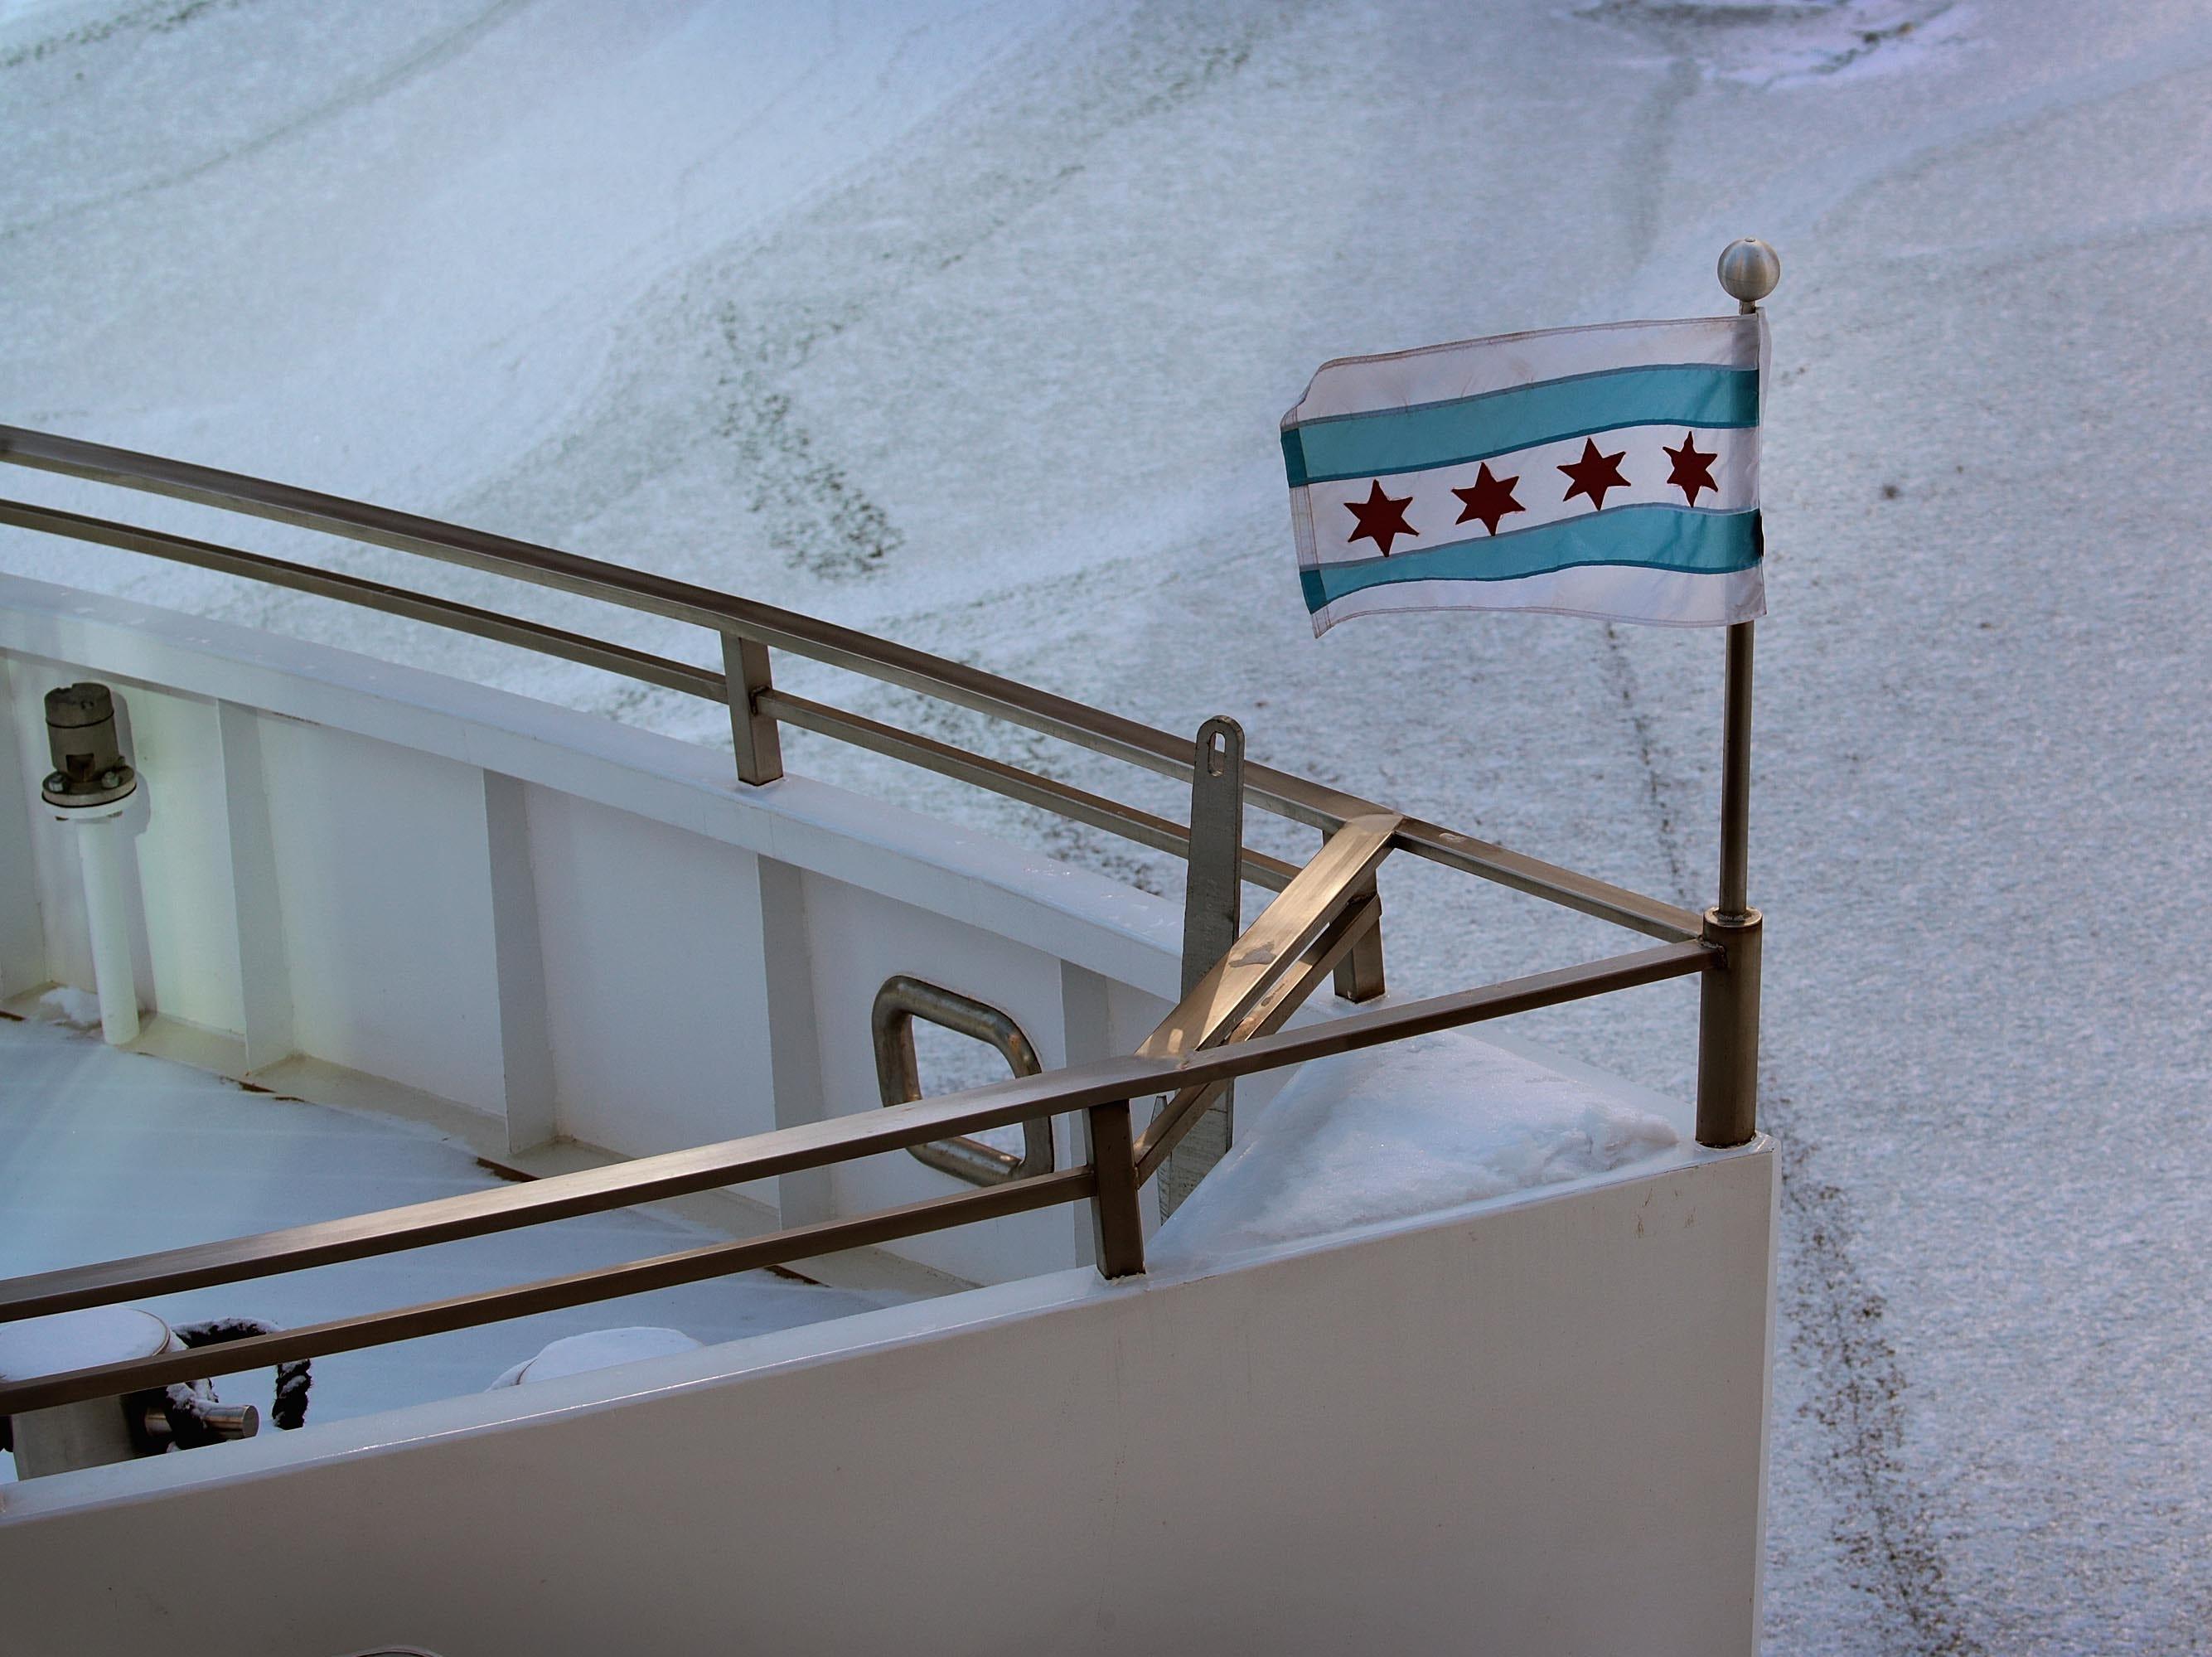 Un barco se encuentra en el río Chicago congelado el 30 de enero de 2019 en Chicago, Illinois.